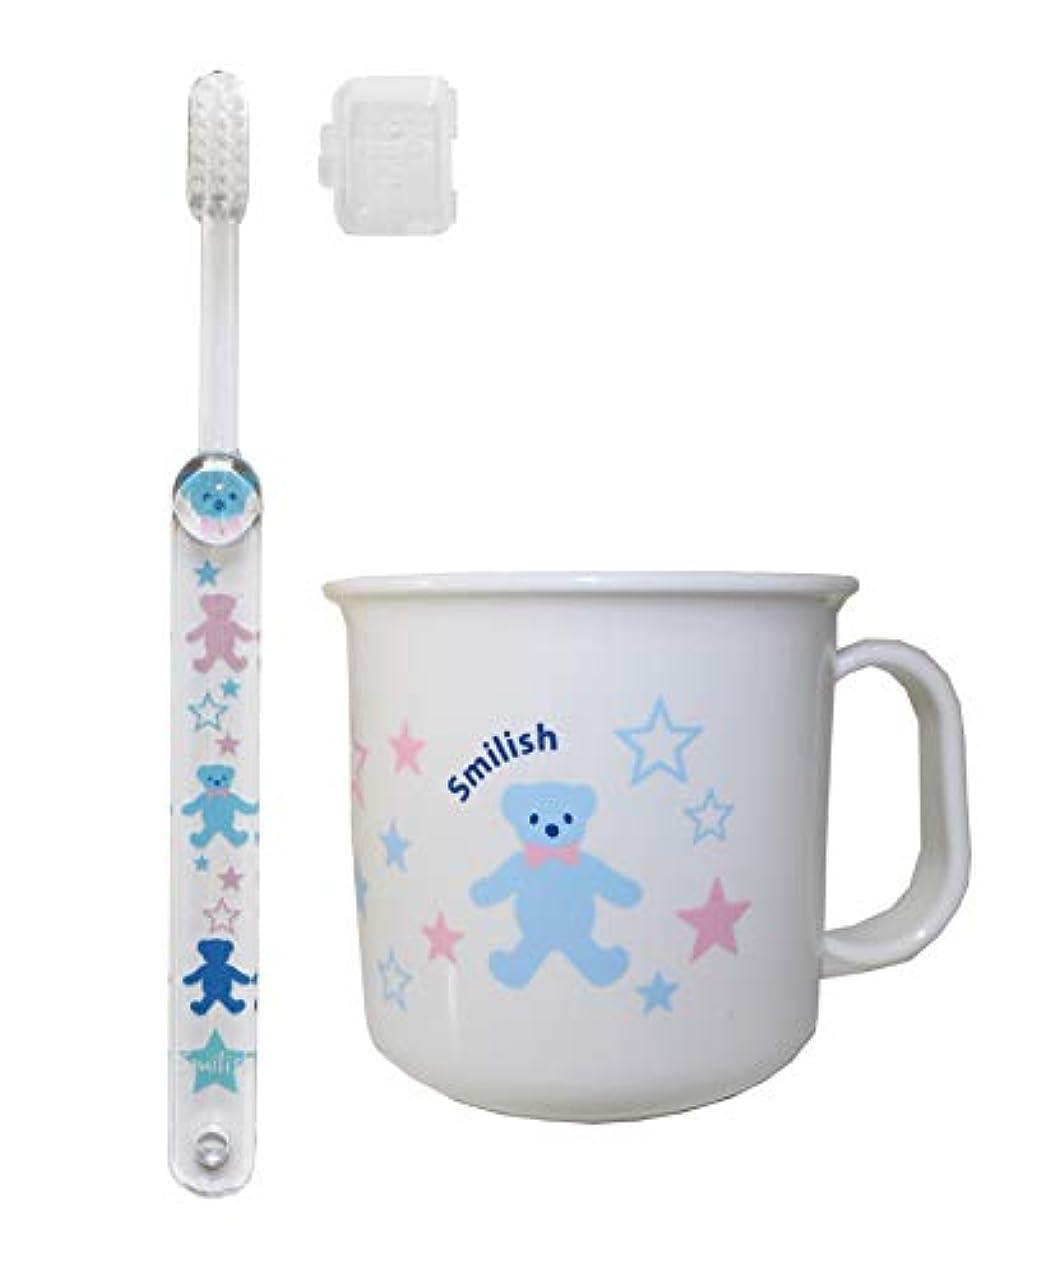 南東証明する素晴らしい良い多くの子ども歯ブラシ(キャップ付き) 耐熱コップセット ABCくま柄